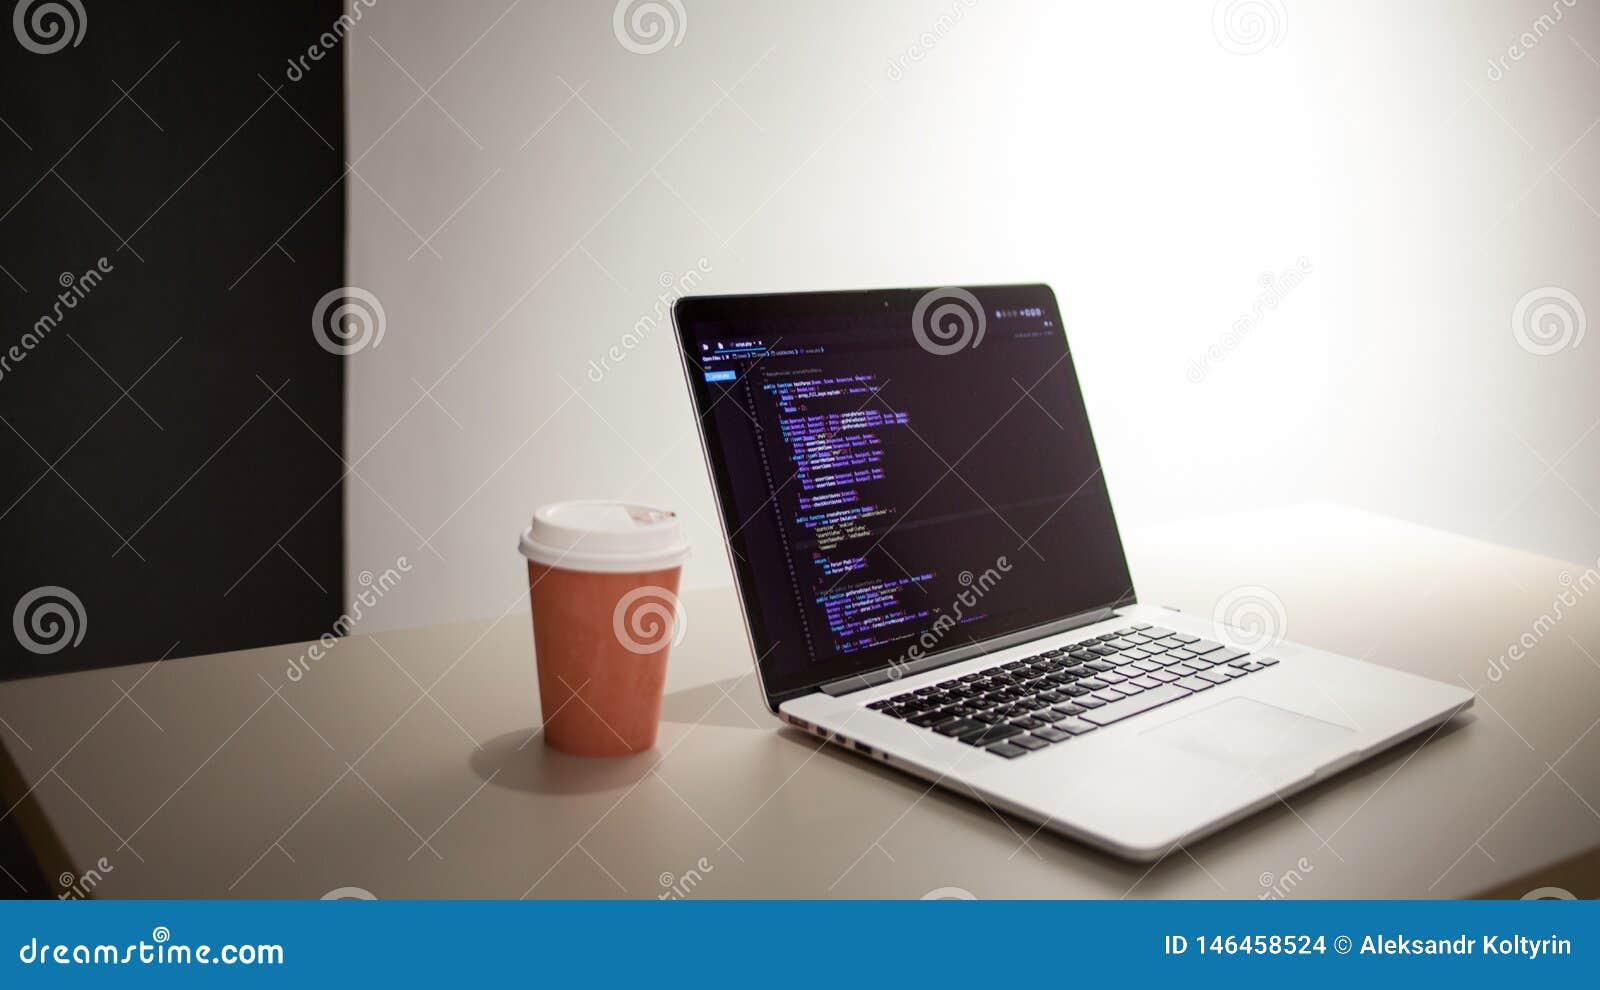 Рабочее место программиста, ноутбук с кодом проекта Развитие вебсайтов и применений